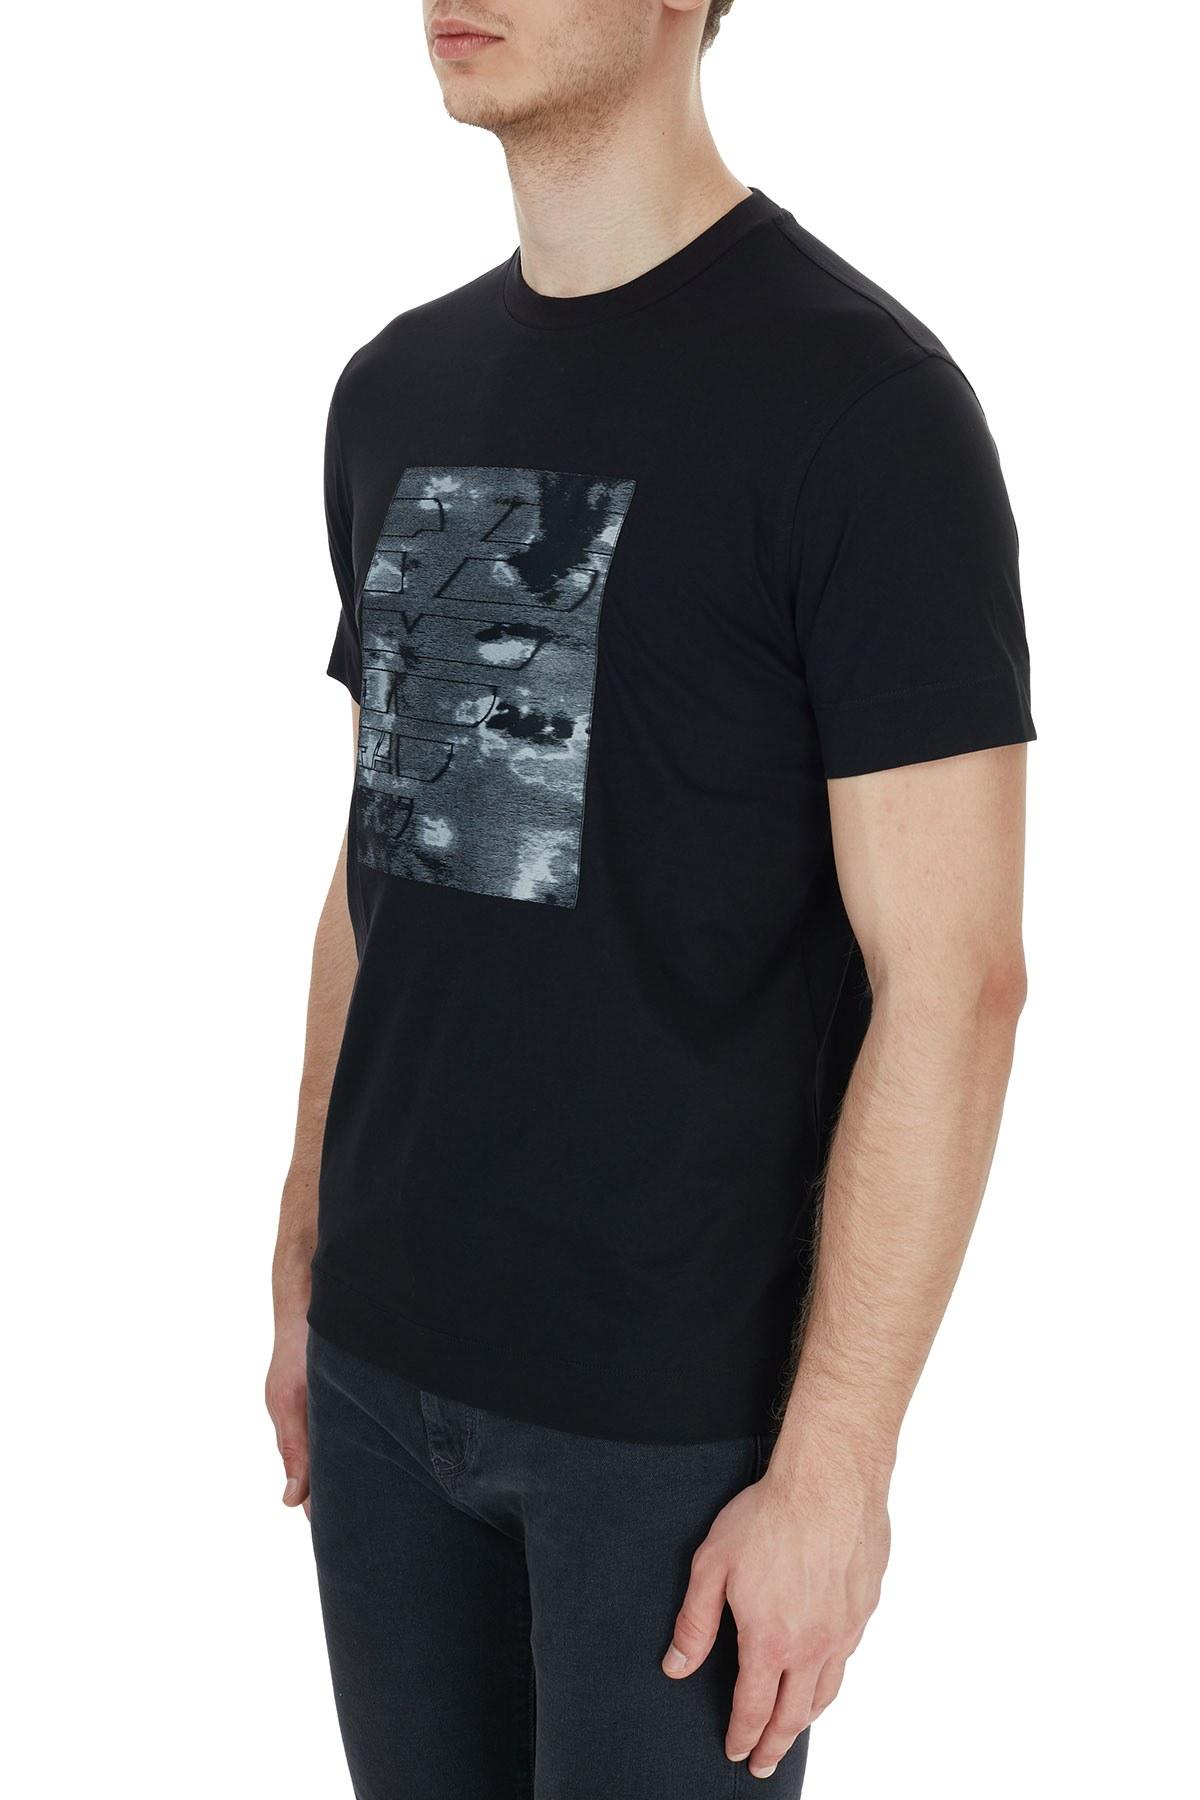 Emporio Armani Baskılı Bisiklet Yaka % 100 Pamuk Erkek T Shirt 6H1TS9 1JDXZ 0999 SİYAH